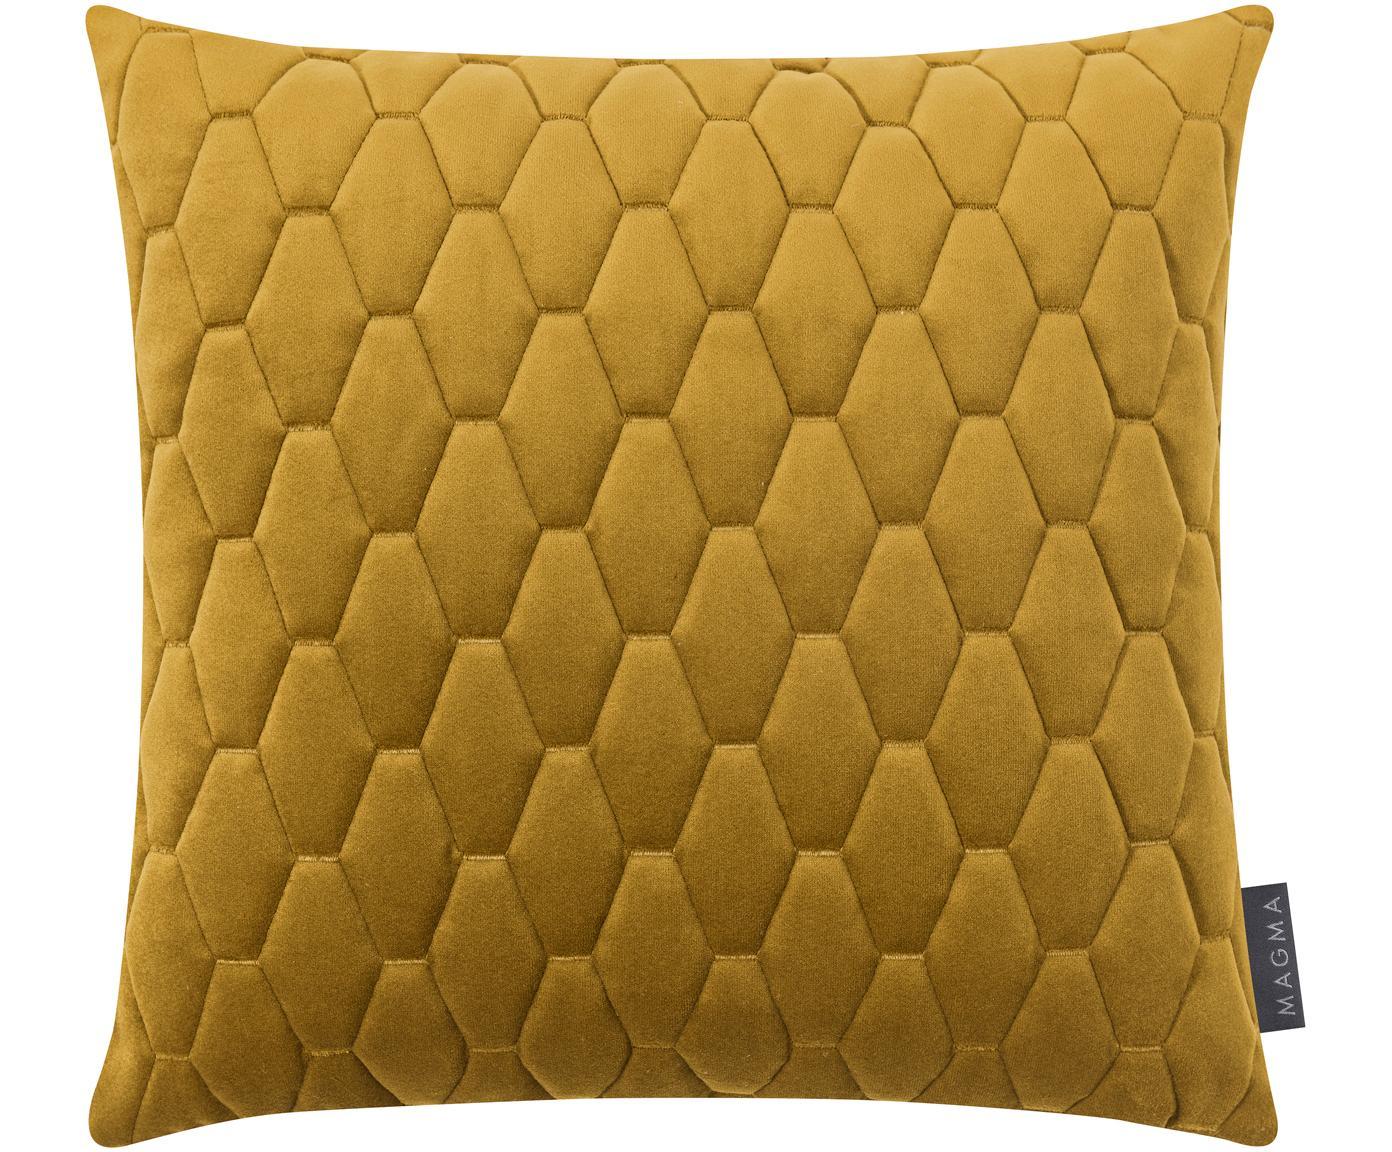 Poszewka na poduszkę z aksamitu Magali, Aksamit poliestrowy, Żółty, S 40 x D 40 cm